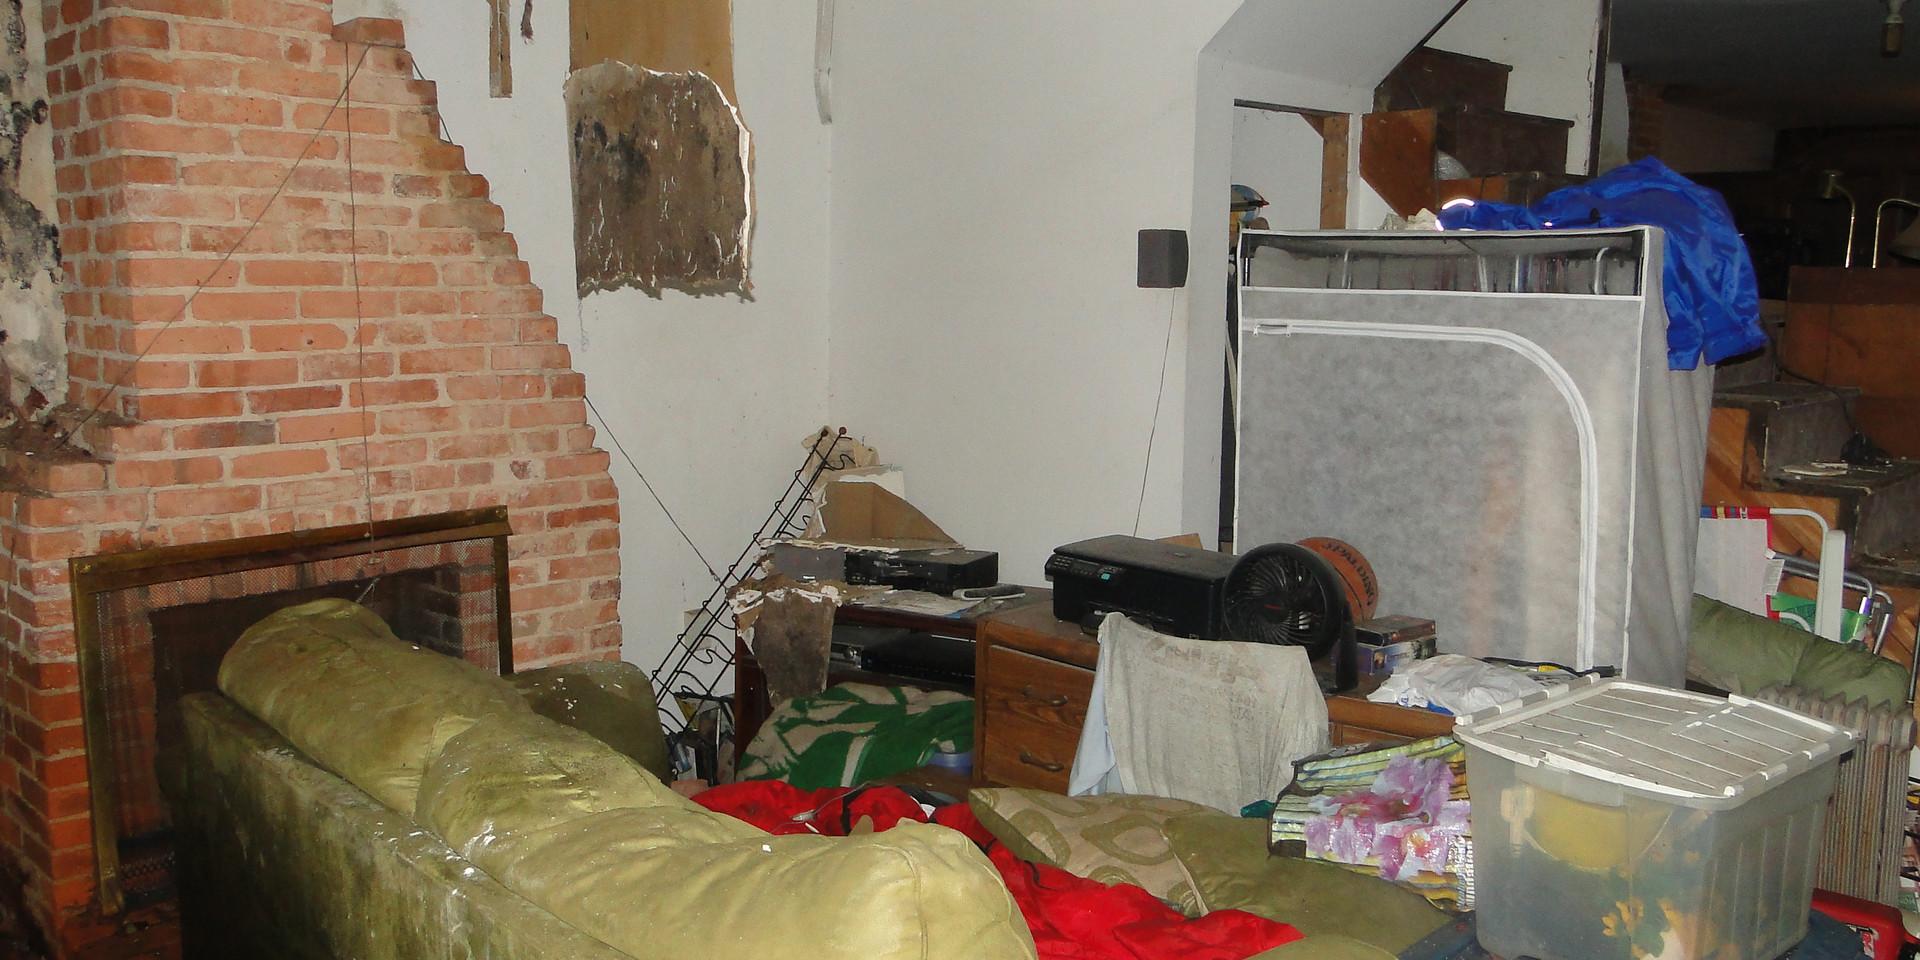 02 - Living Room 2.JPG